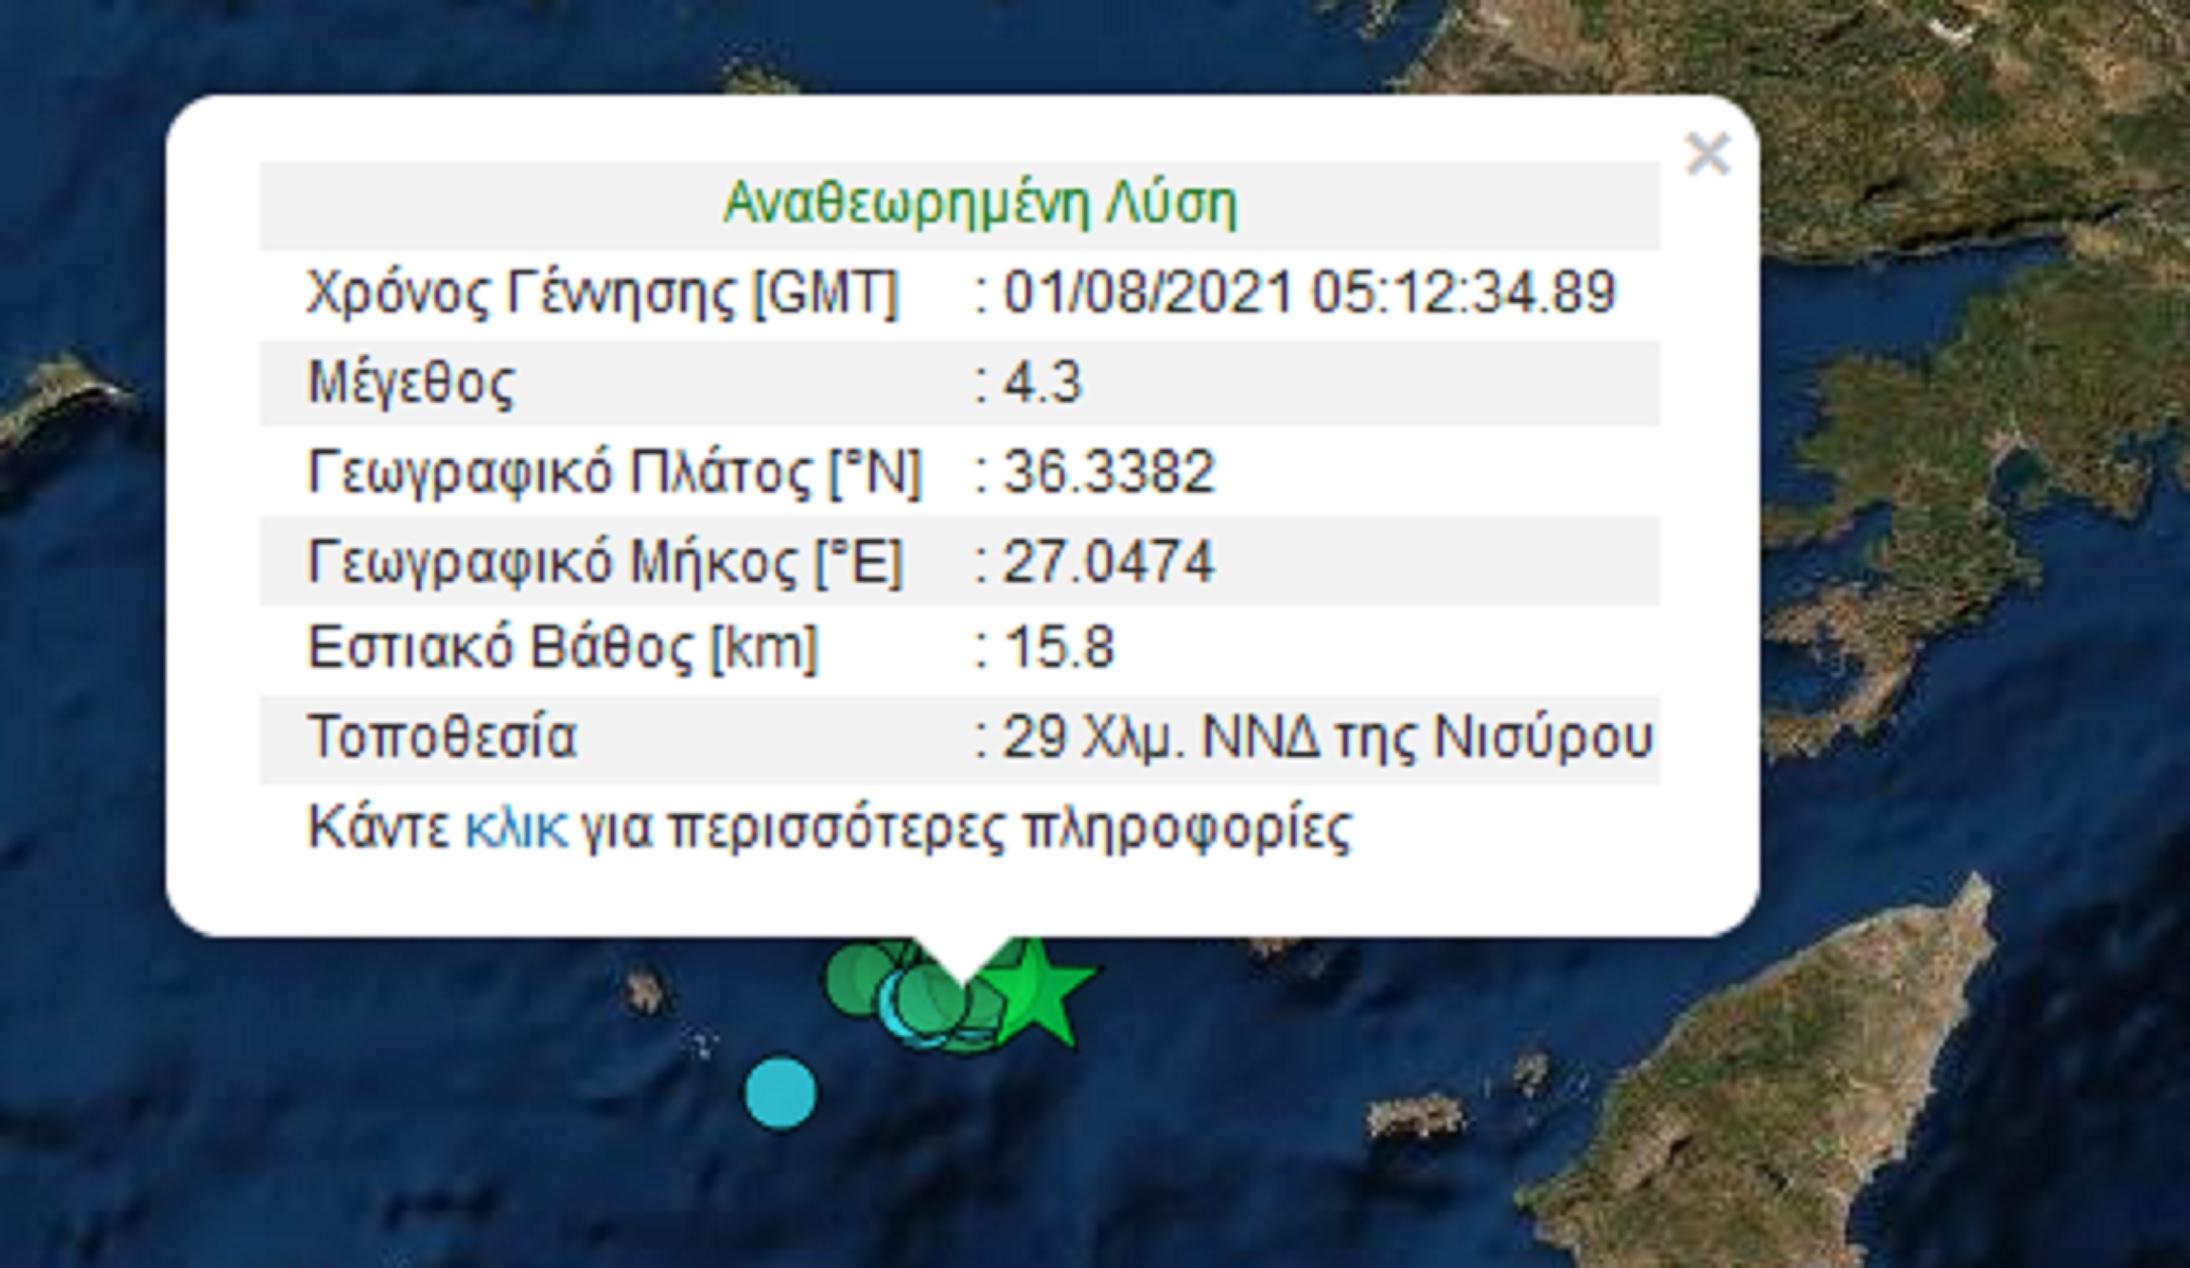 Σεισμός 5,3 Ρίχτερ στη Νίσυρο – Και άλλη σεισμική δόνηση 4,3 Ρίχτερ